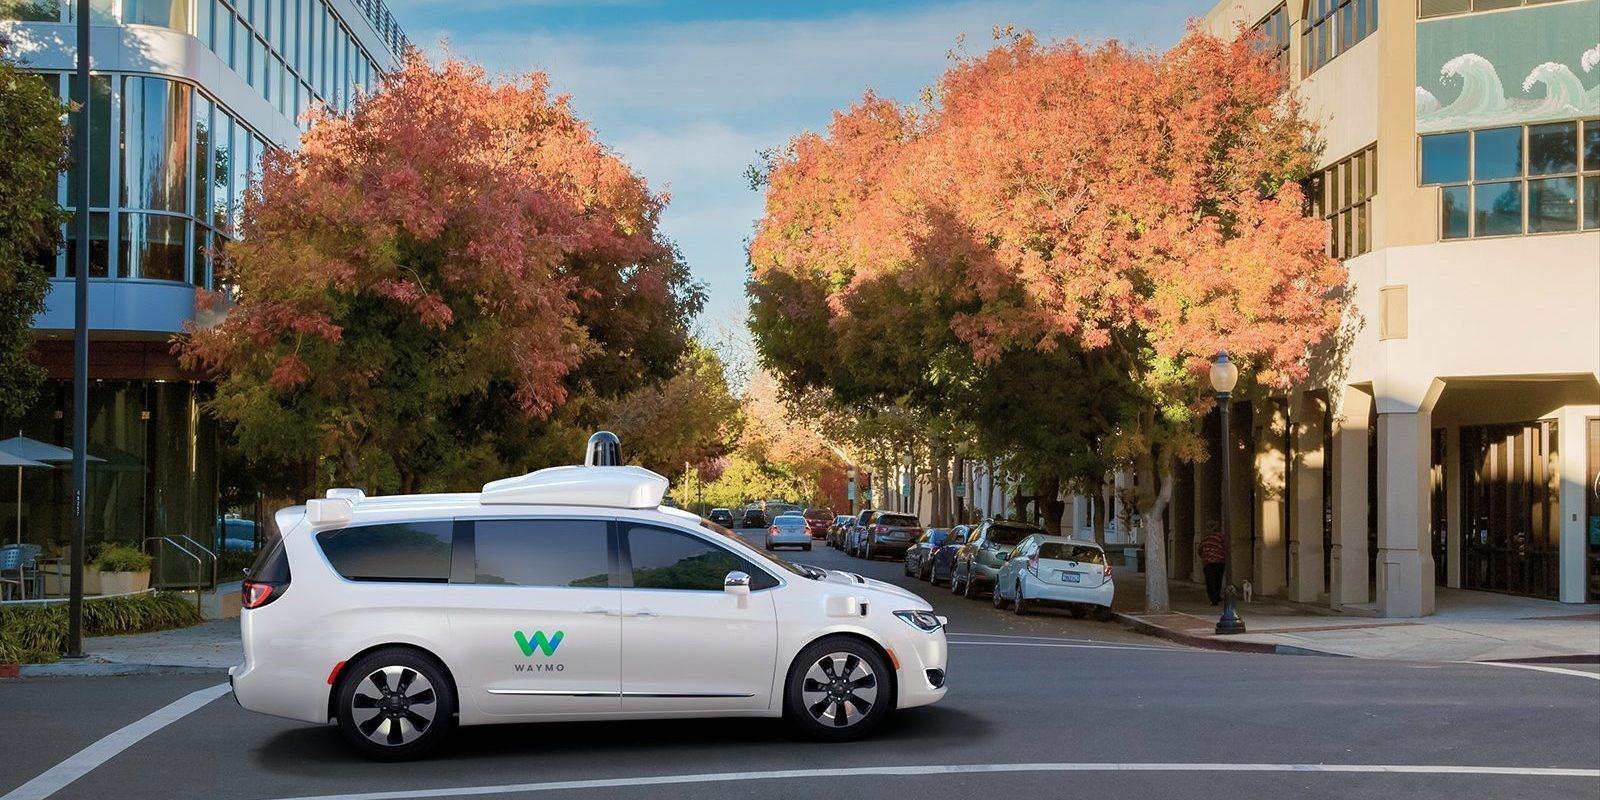 Faire ses courses sur Internet, envoyer sa voiture autonome pour les récupérer